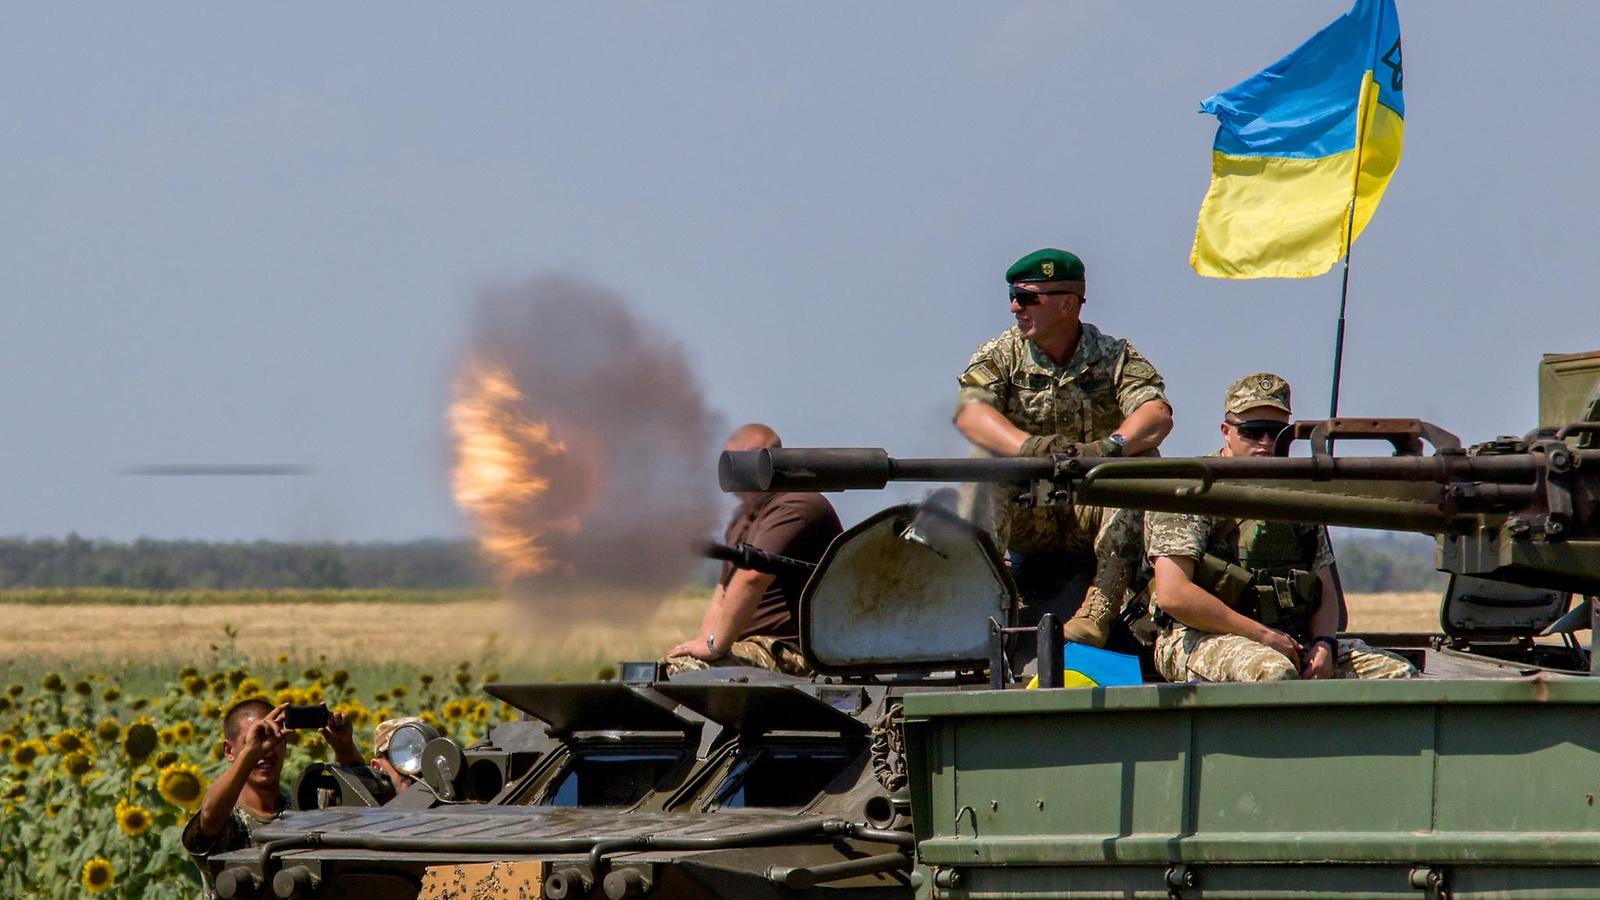 Шкиряк: Донбасс будет освобожден, Захарченко и Плотницкий, а также все их подельники, руки которых по локоть в крови невинно убиенных украинских граждан и наших воинов-героев, обязательно будут наказаны!